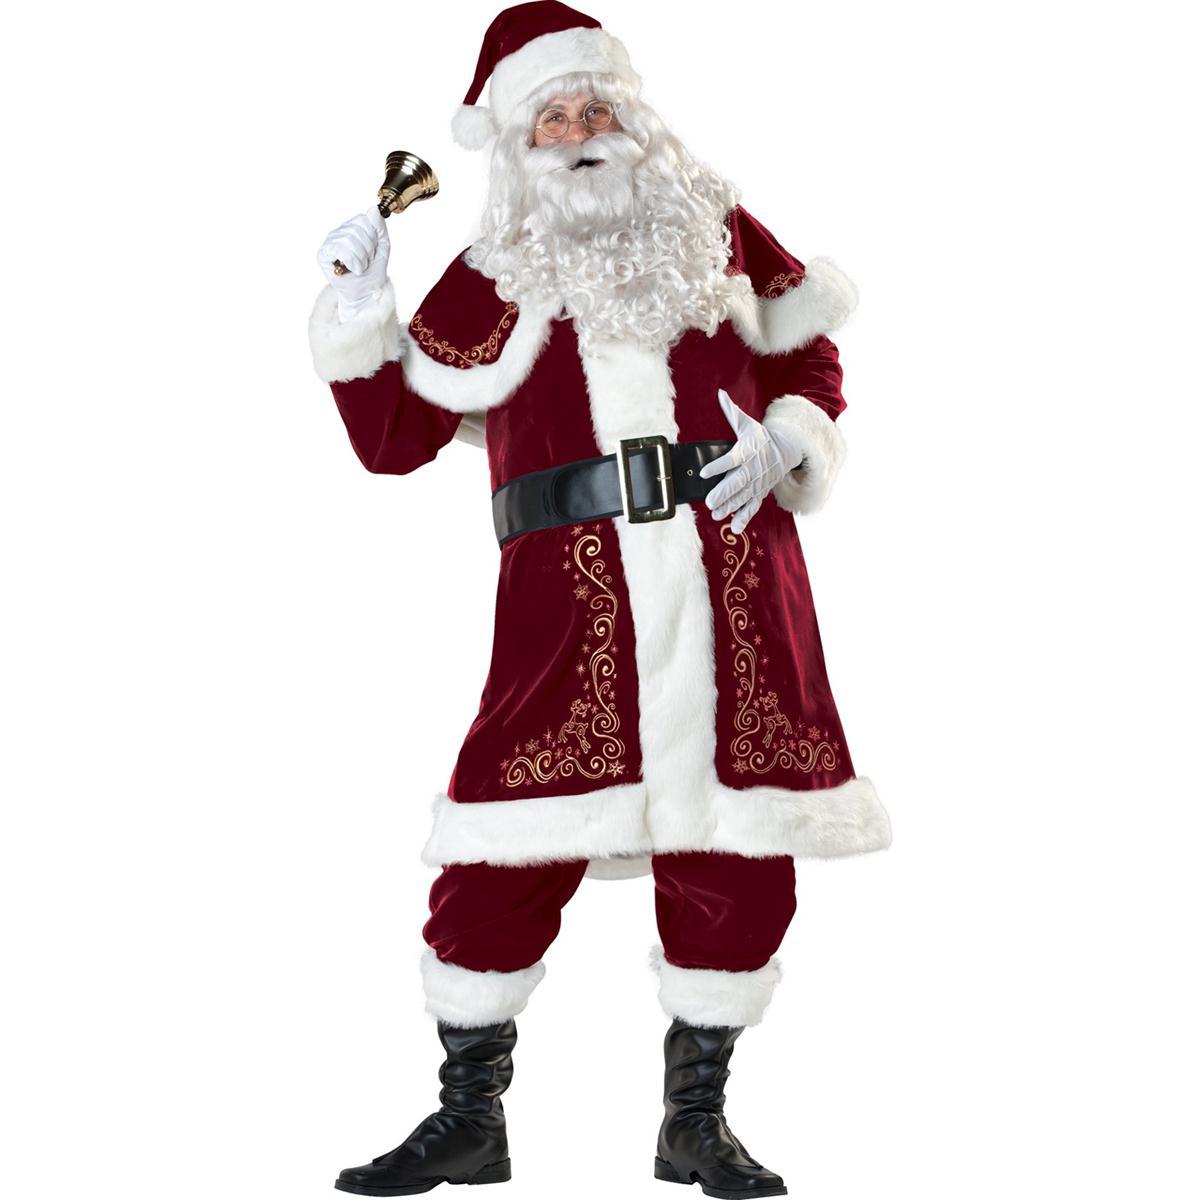 クリスマス サンタ コスプレ 陽気なサンタさん 大人用コスチューム 衣装